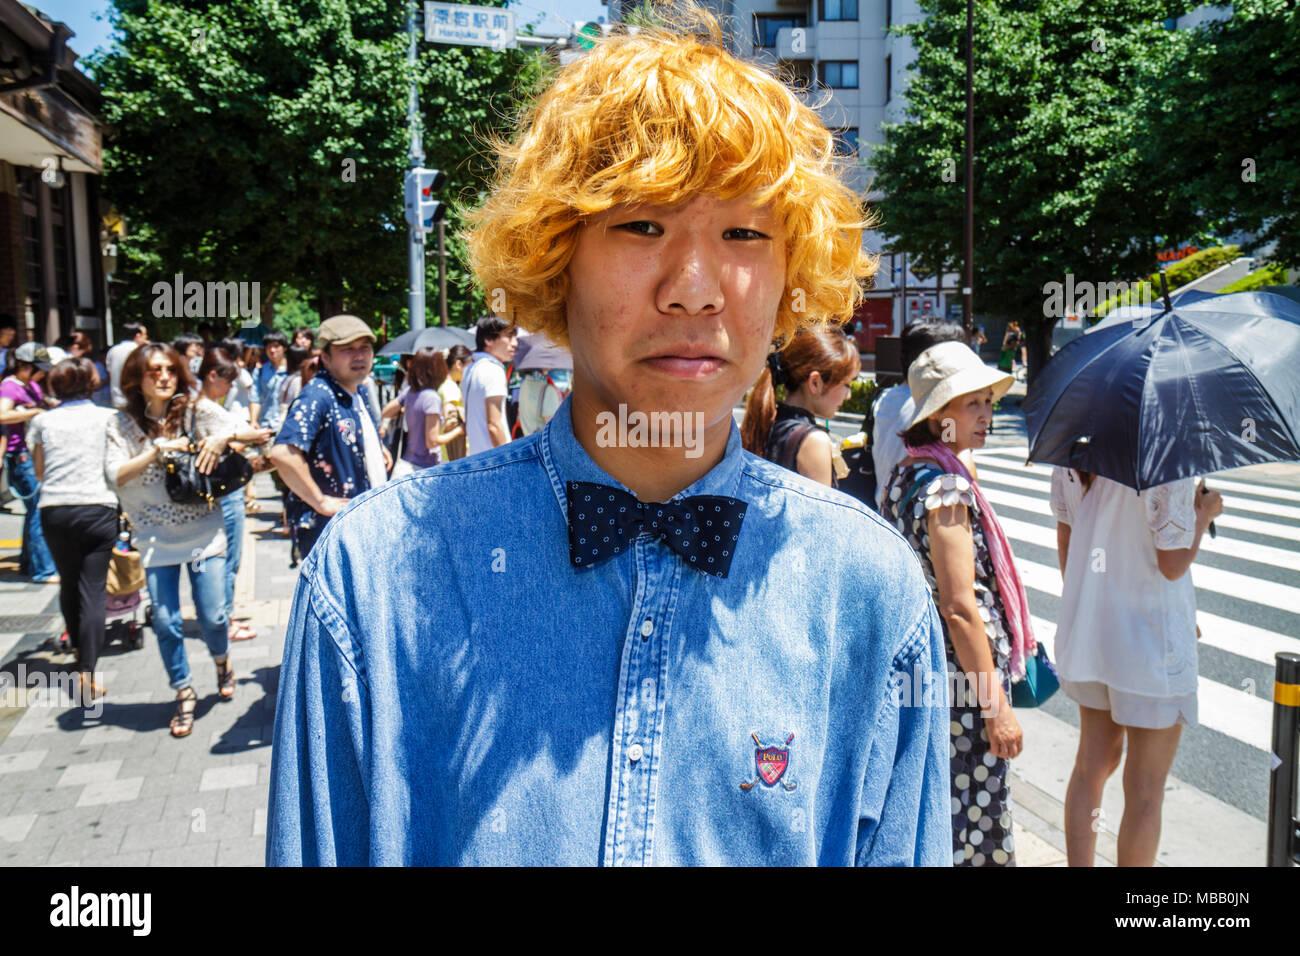 Asian man blonde